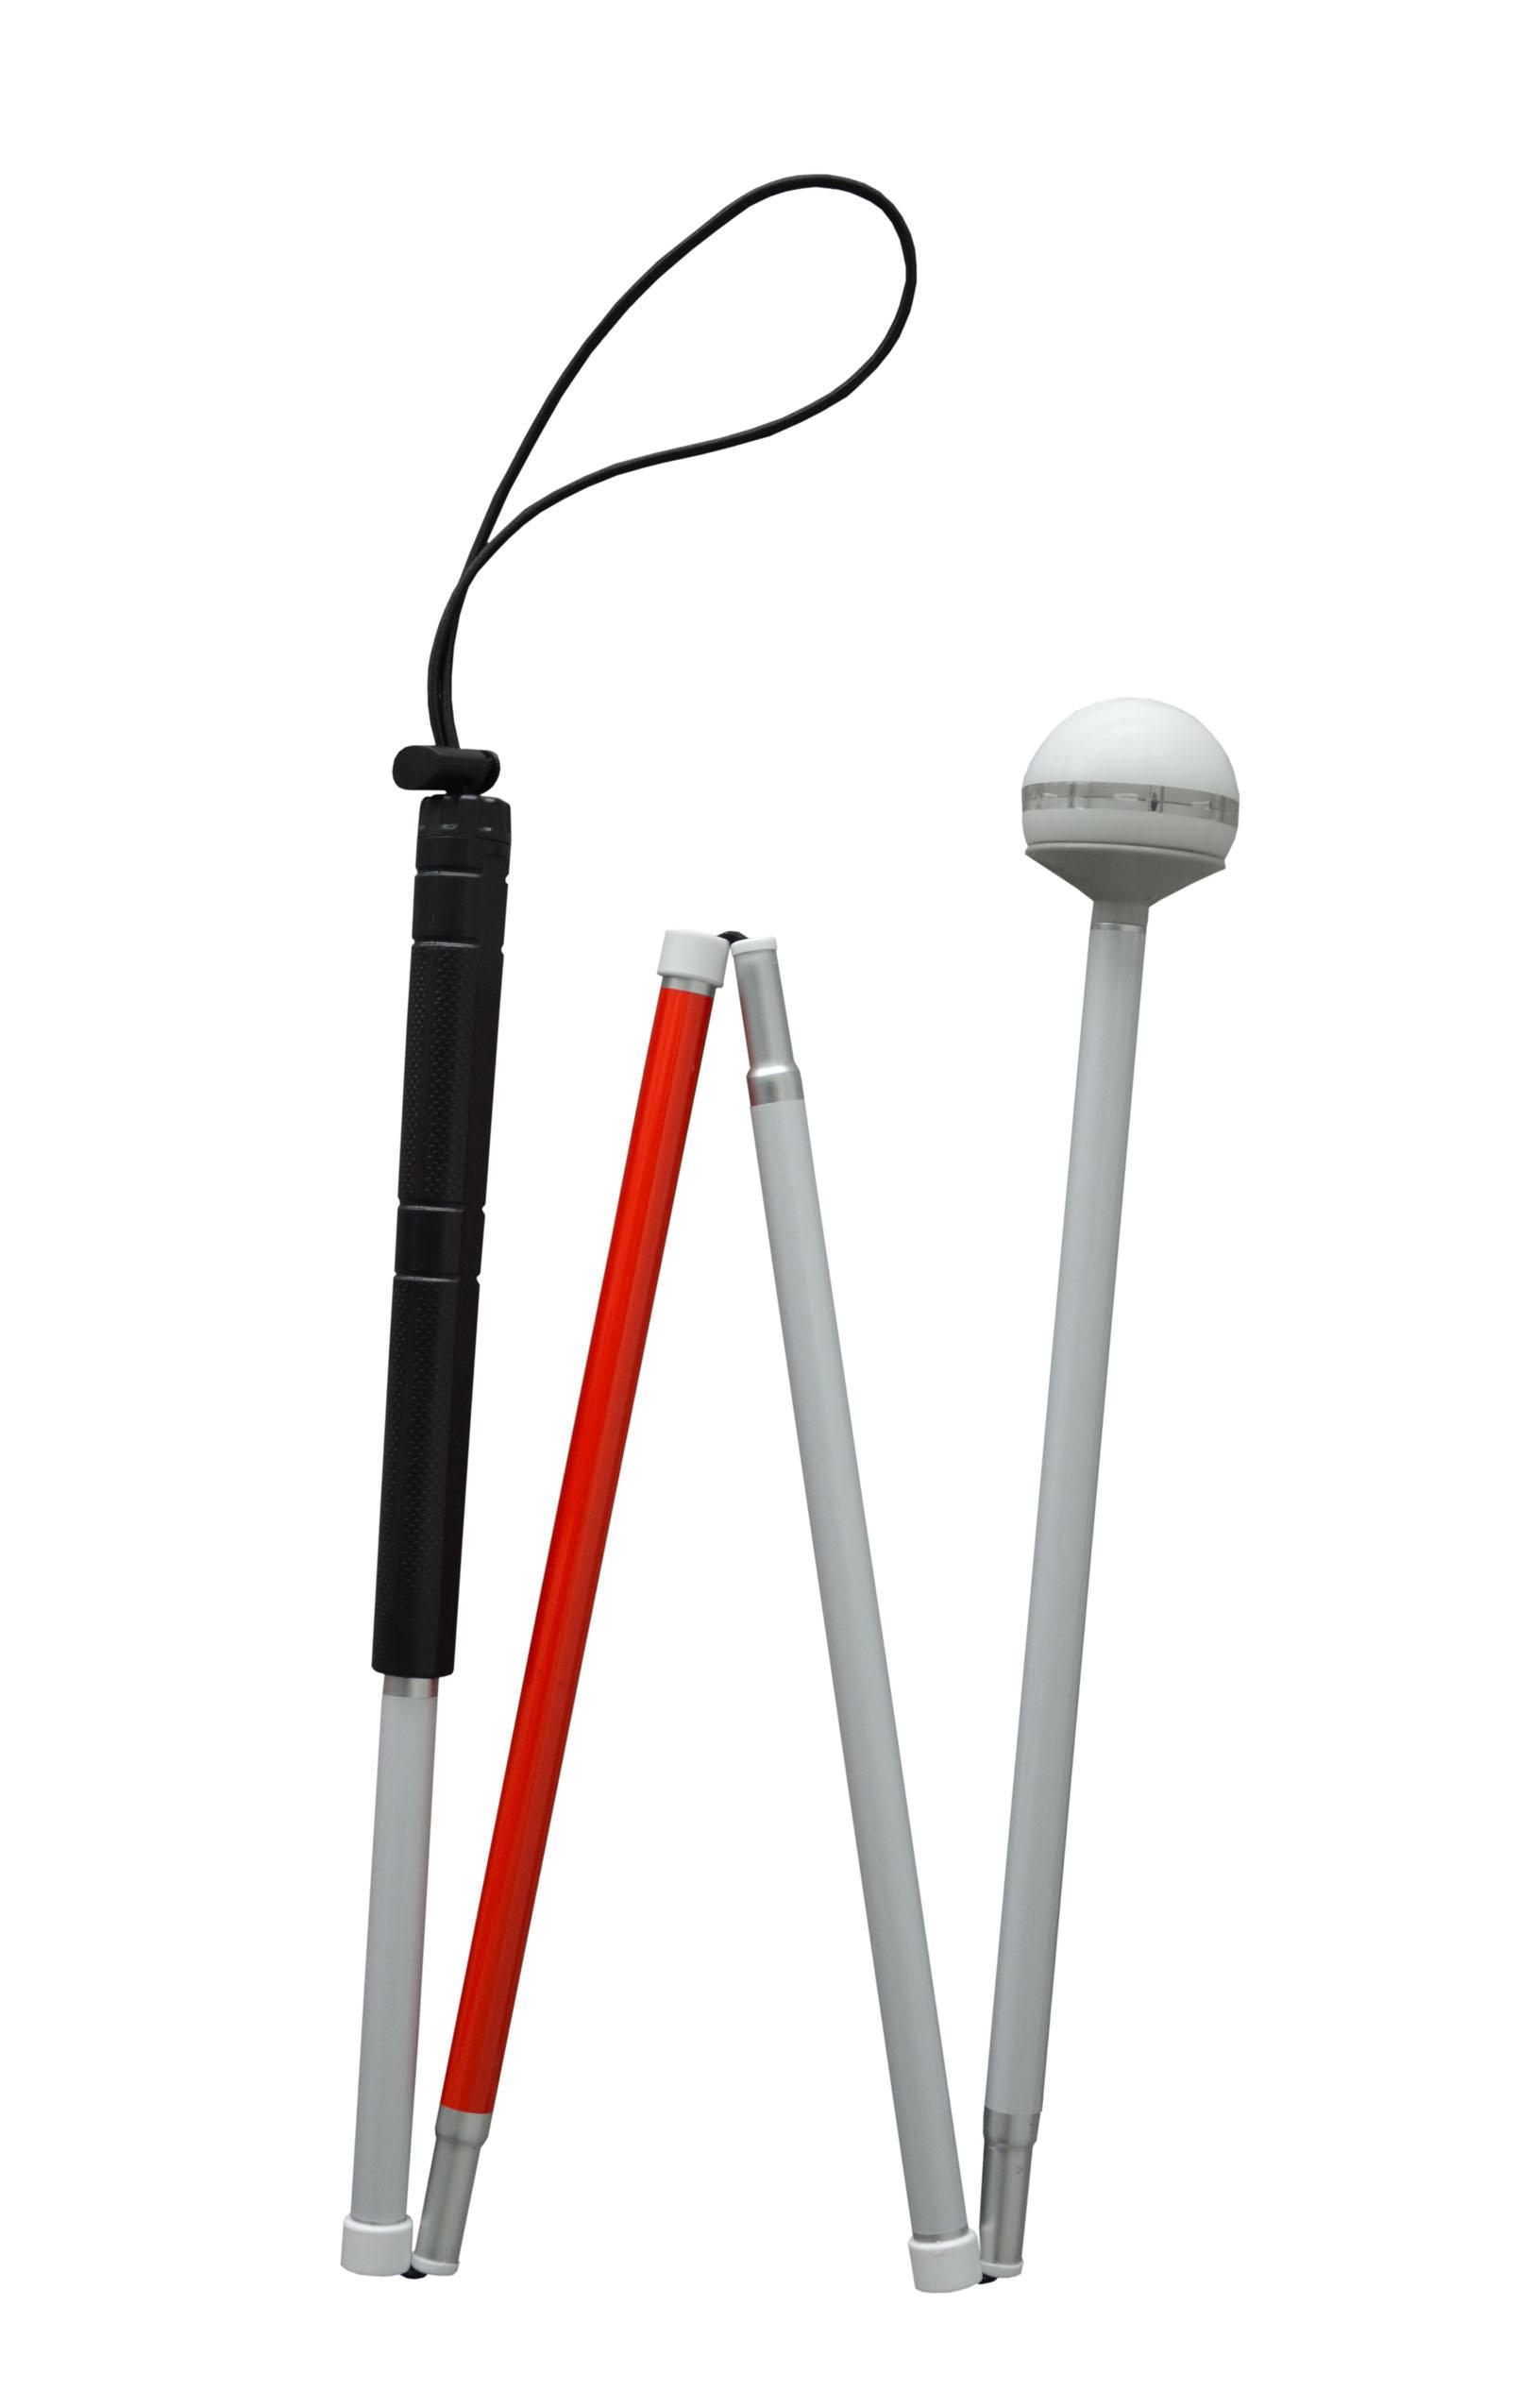 闪光滚轮盲杖V-886A